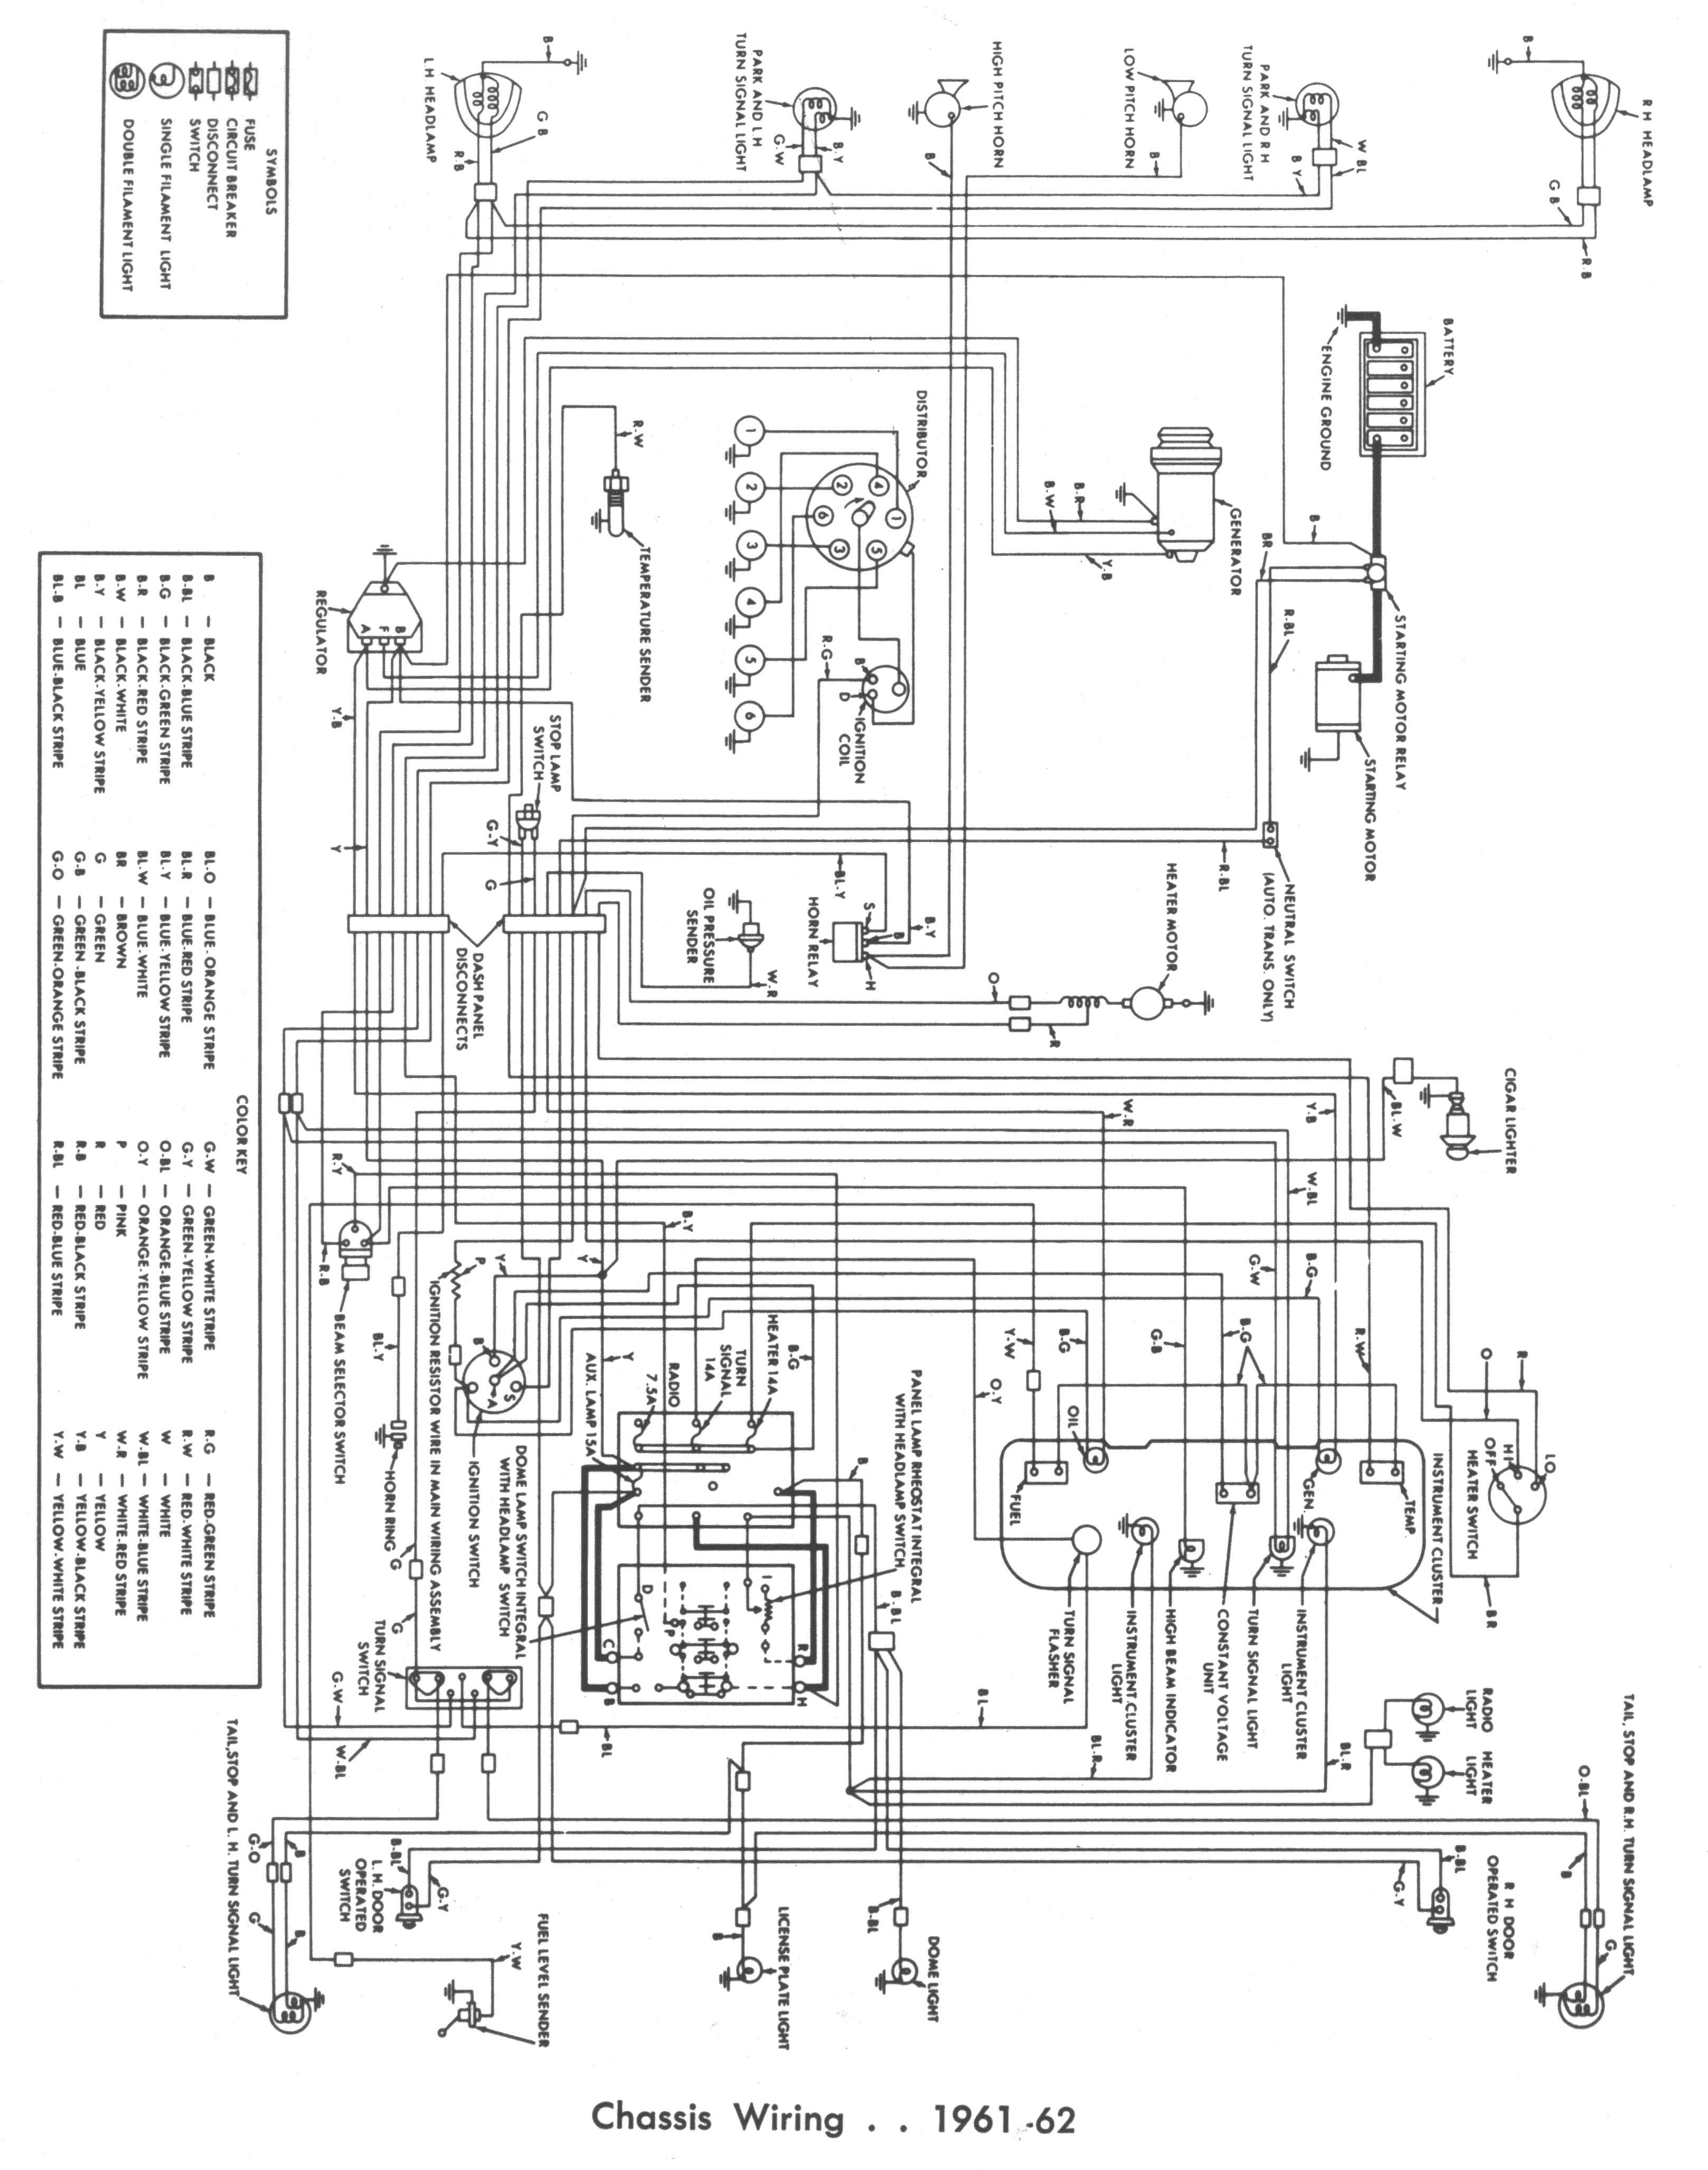 falcon wiring diagrams  the falcon/comet faq